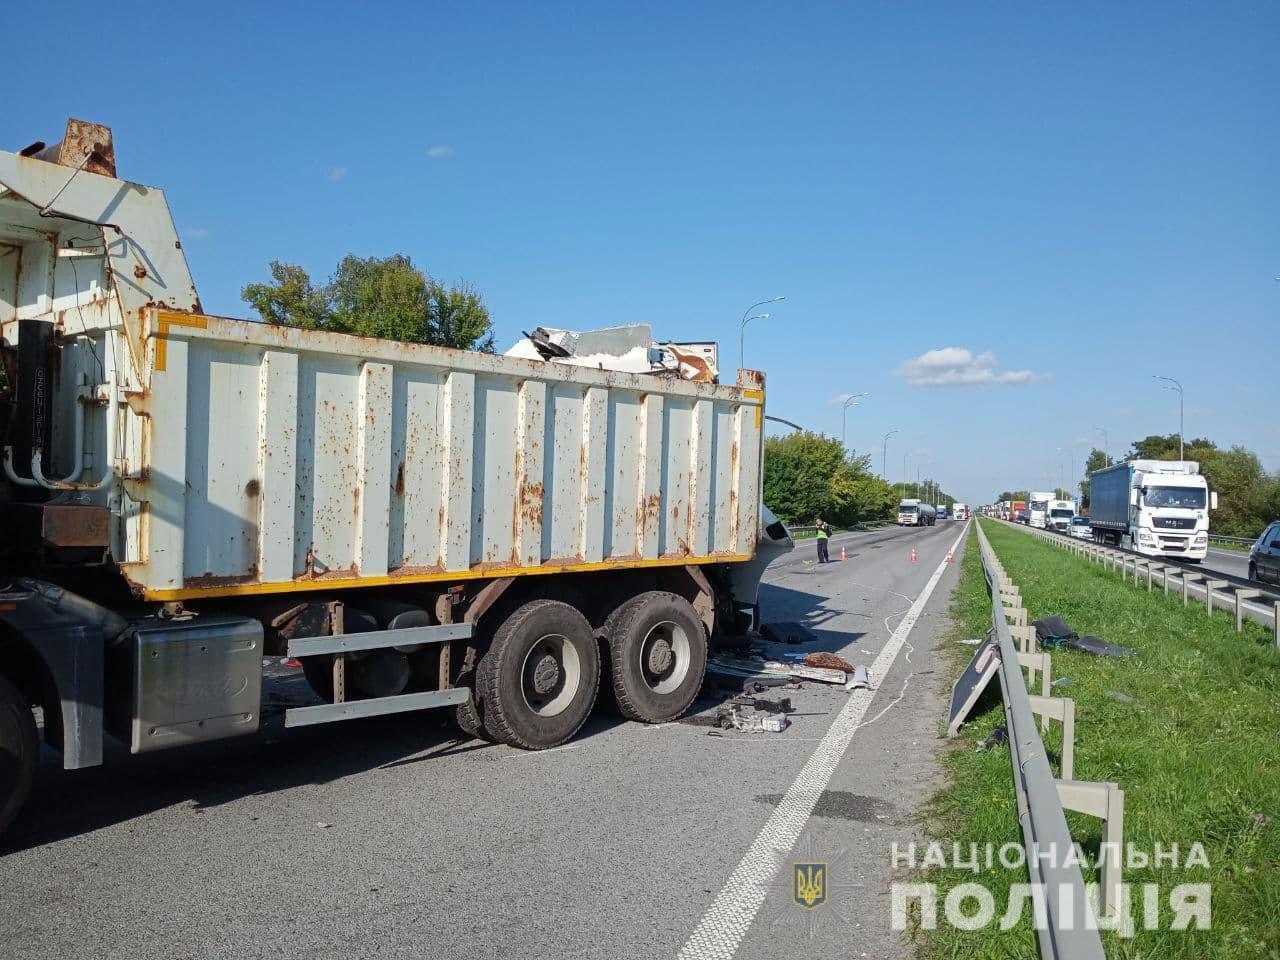 Аварія сталася на ділянці дороги, яка ремонтувалася